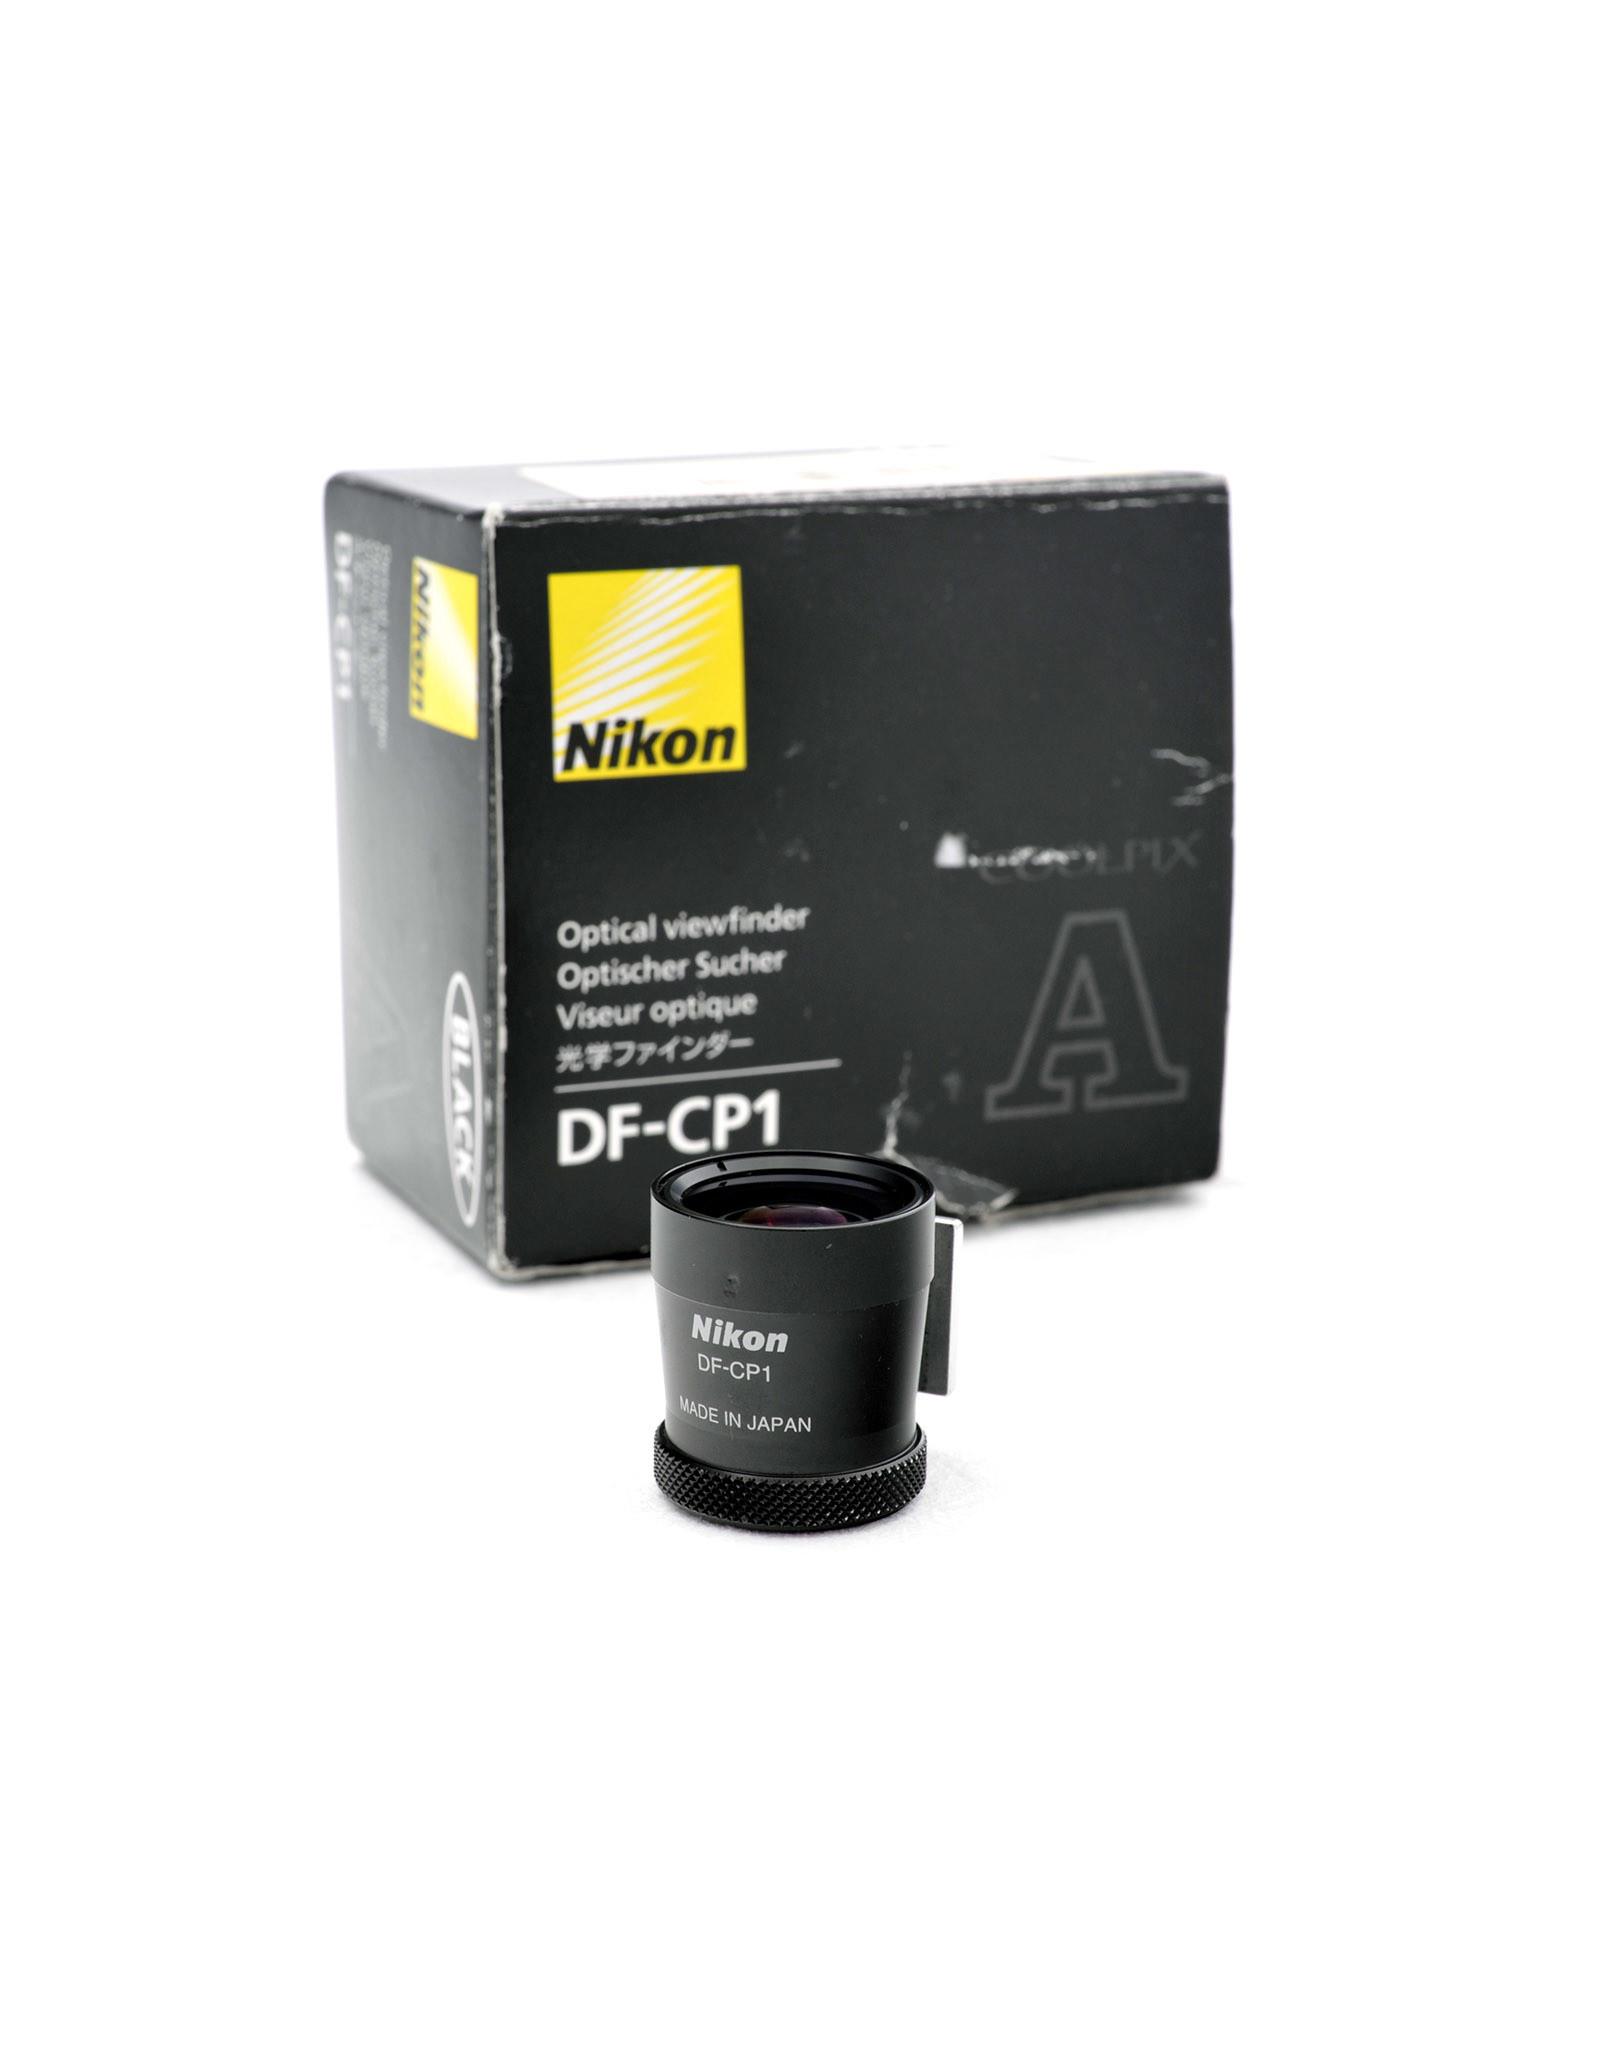 Nikon Nikon DF-CP1 V/finder   AP1070102